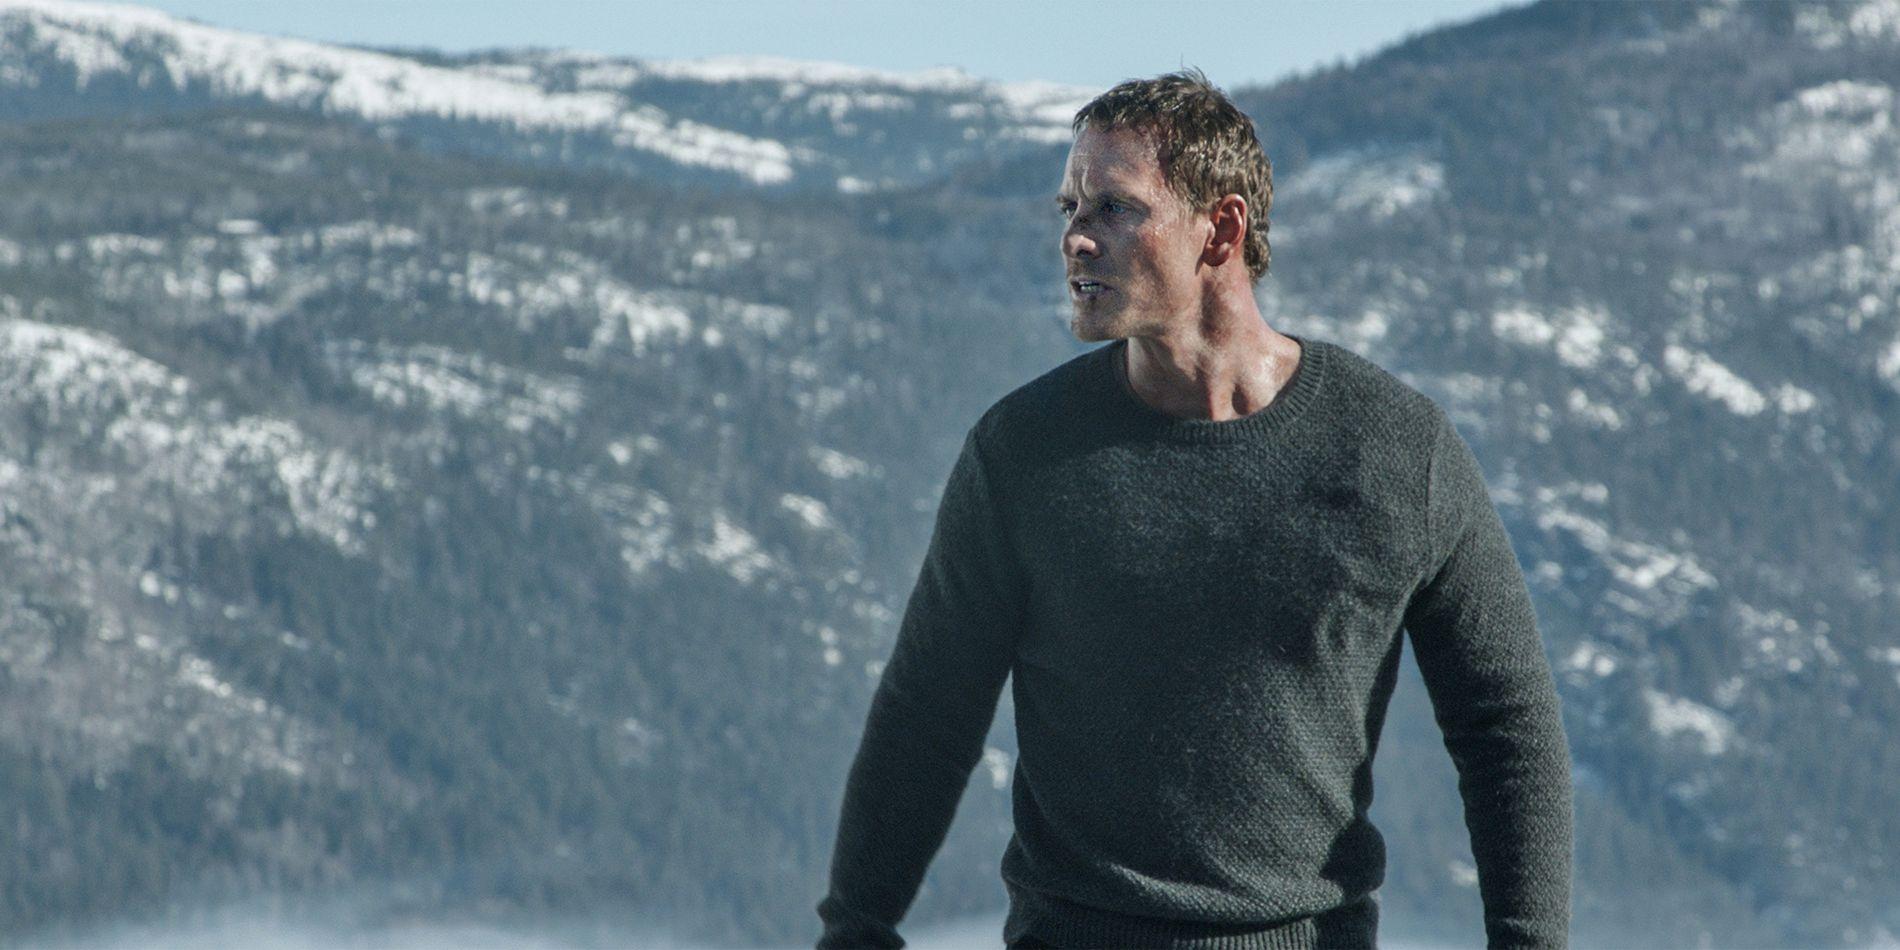 PÅ HØYFJELLET: Det mangler ikke på spektakulær norsk natur i «Snømannen».  Her er Michael Fassbender en sjelden gang uten sin grønne Harry Hole-jakke.